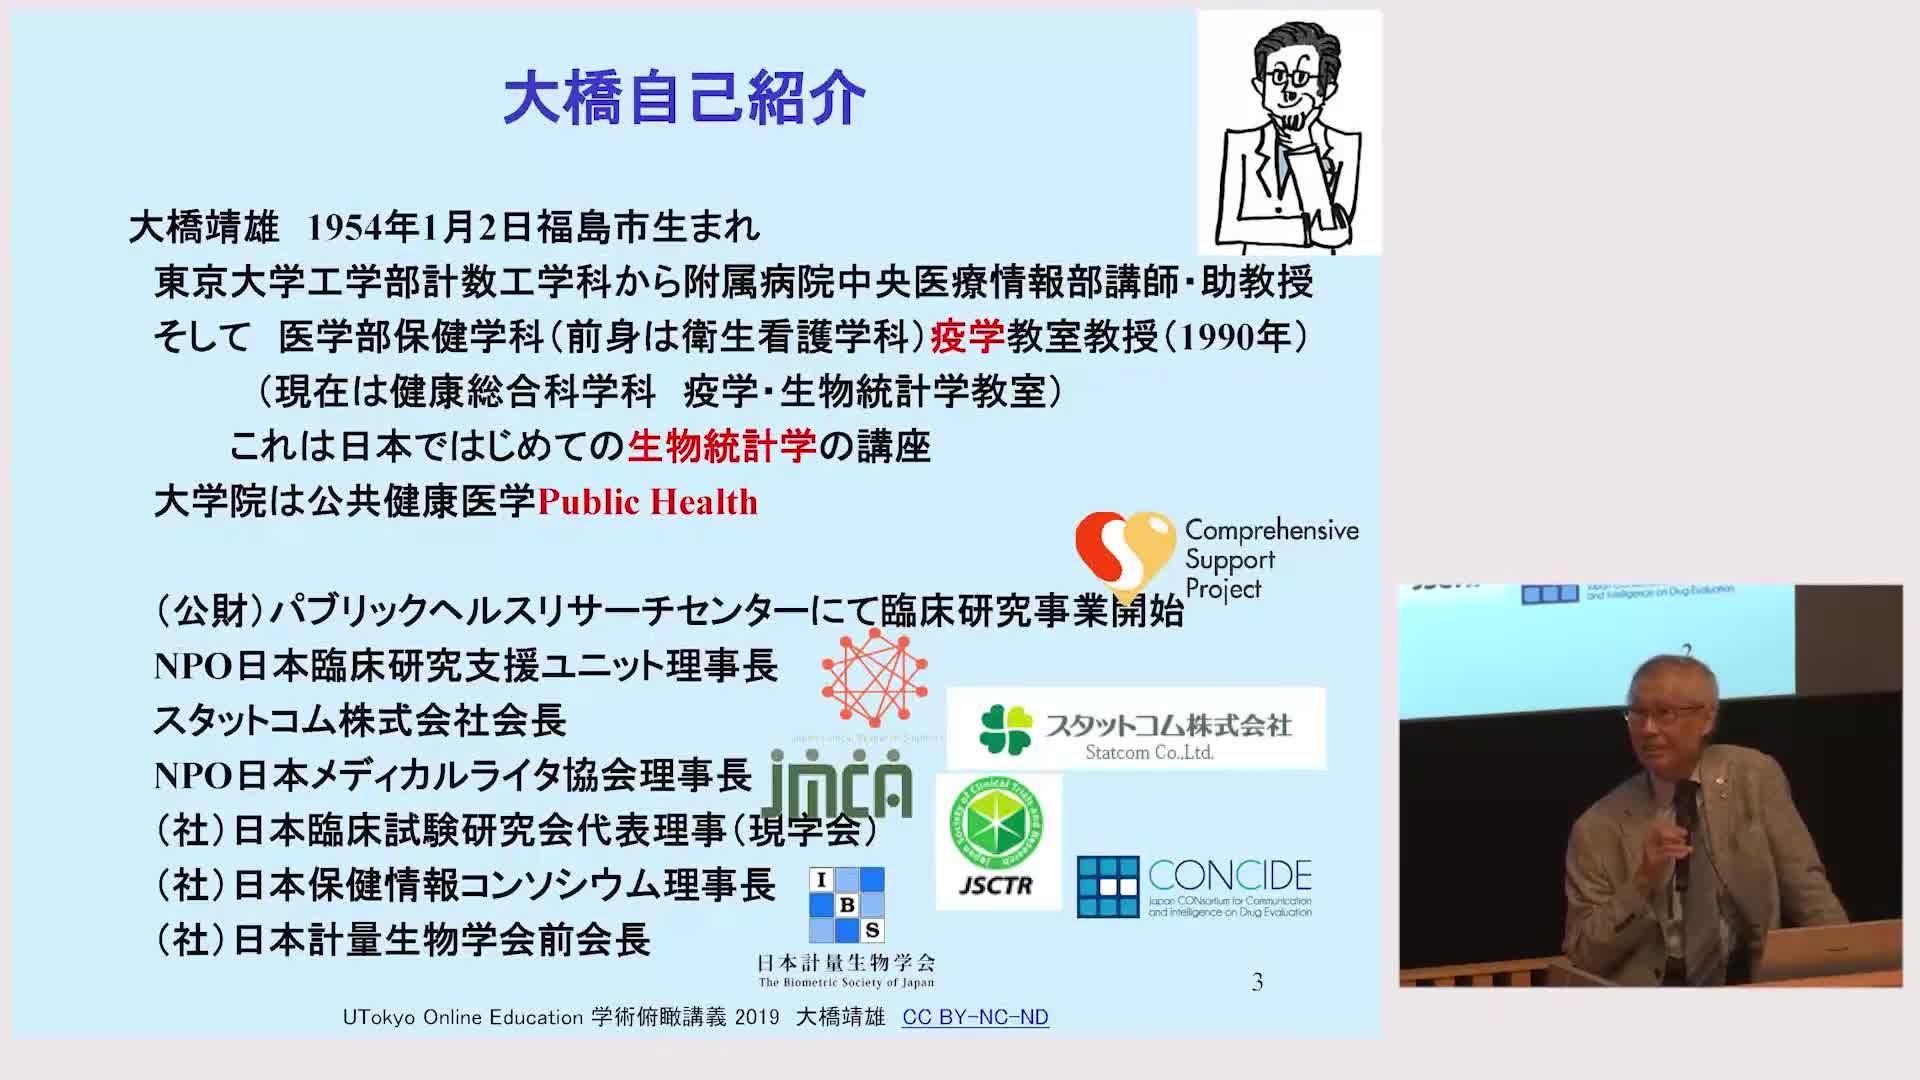 新しい医療が社会に届くまで ~データサイエンスが支える健康社会~(学術俯瞰講義)